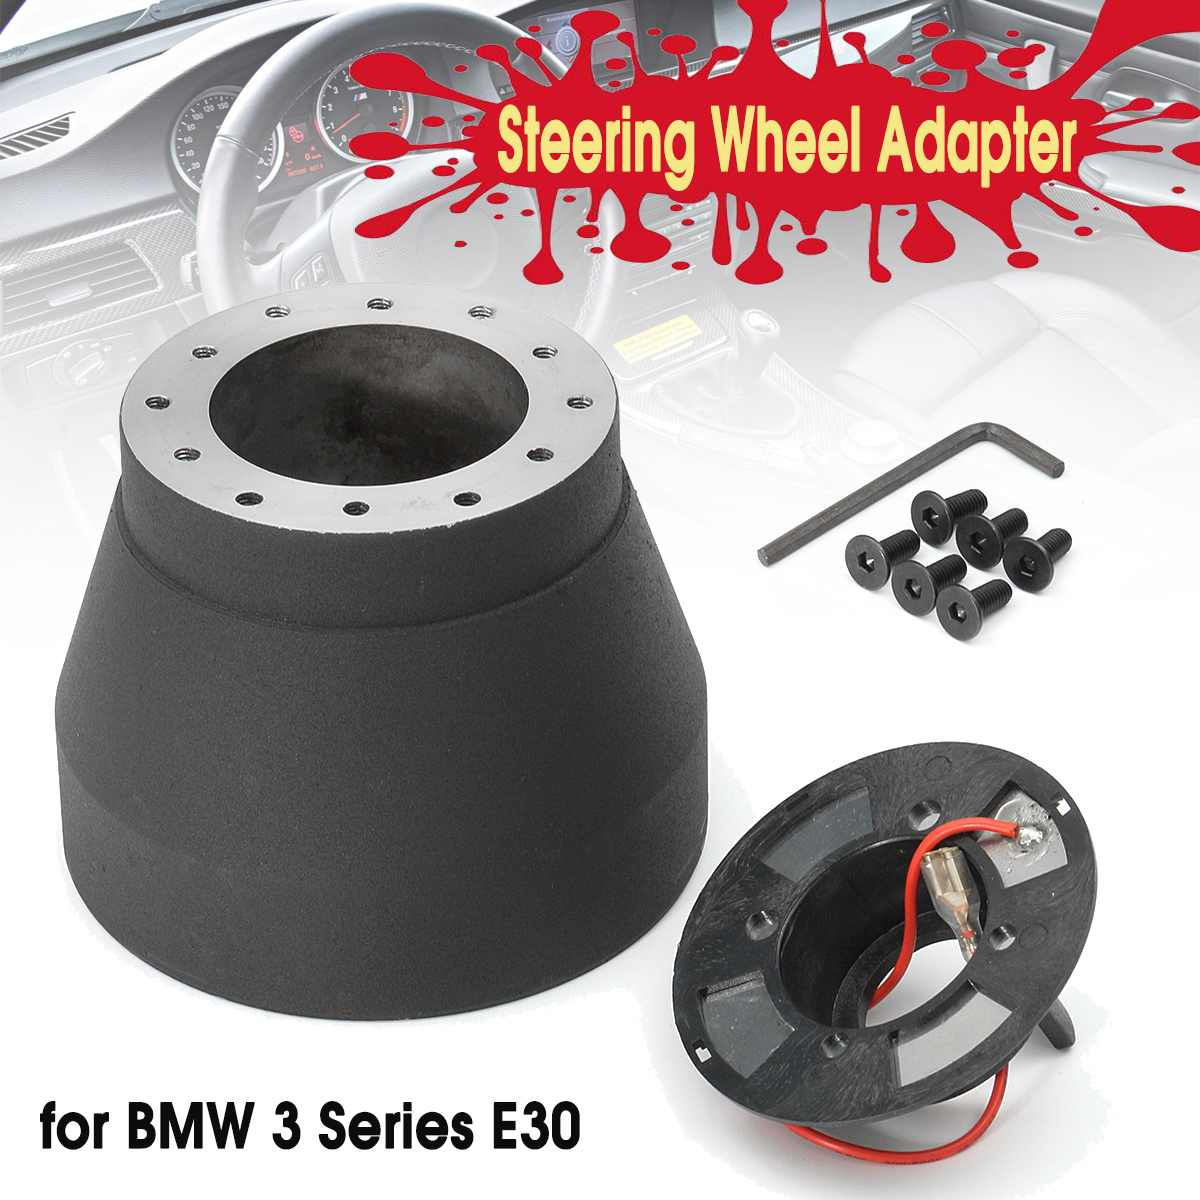 Гоночный Ступица рулевого колеса быстроразъемный адаптер Босс комплект для BMW 3 серии E30 82-91 Ступица рулевого колеса Босс Комплект